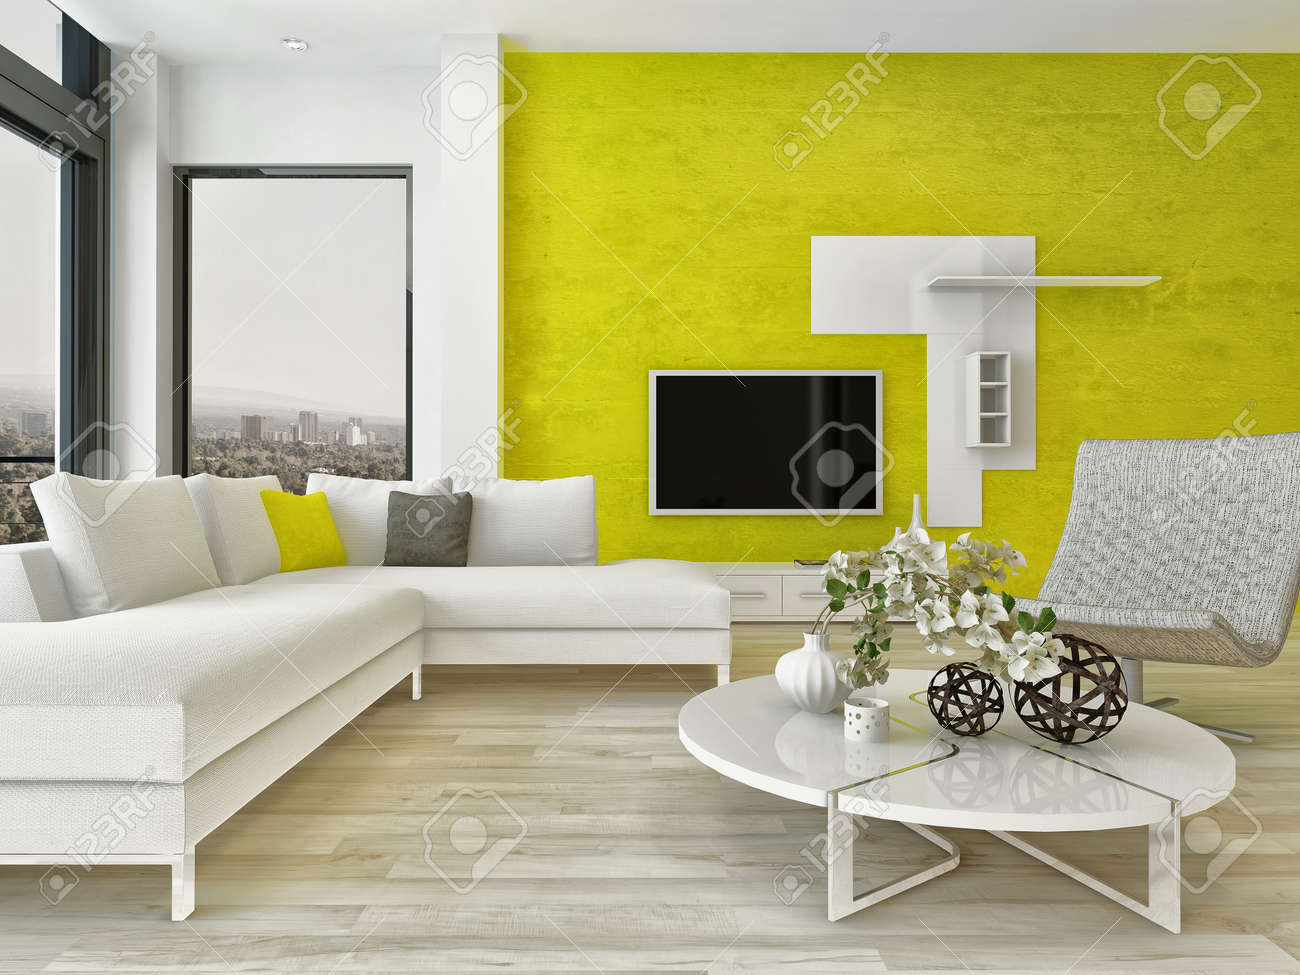 Modernes Design Wohnzimmer Innenraum Mit Schönen Möbeln Und Ausgefallene  Grüne Wand Standard Bild 28772443